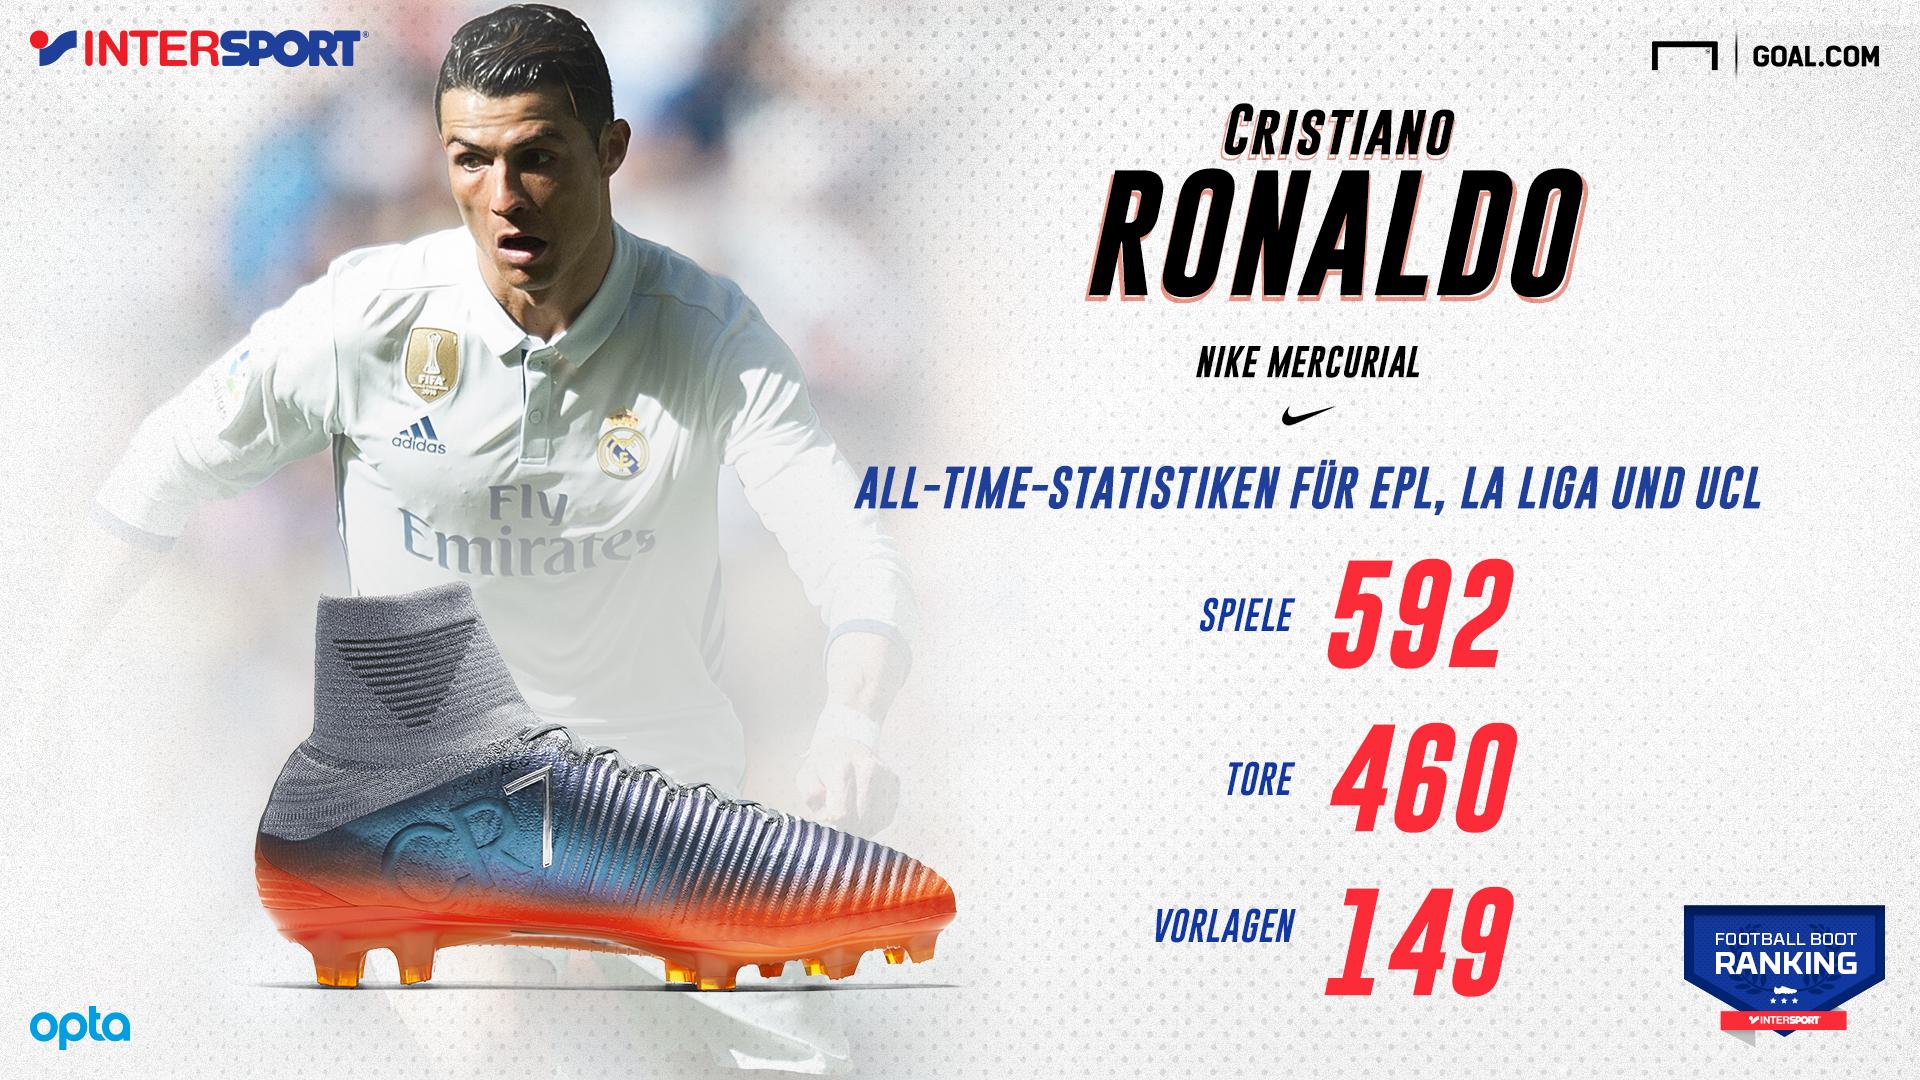 Ronaldo infographic German updated